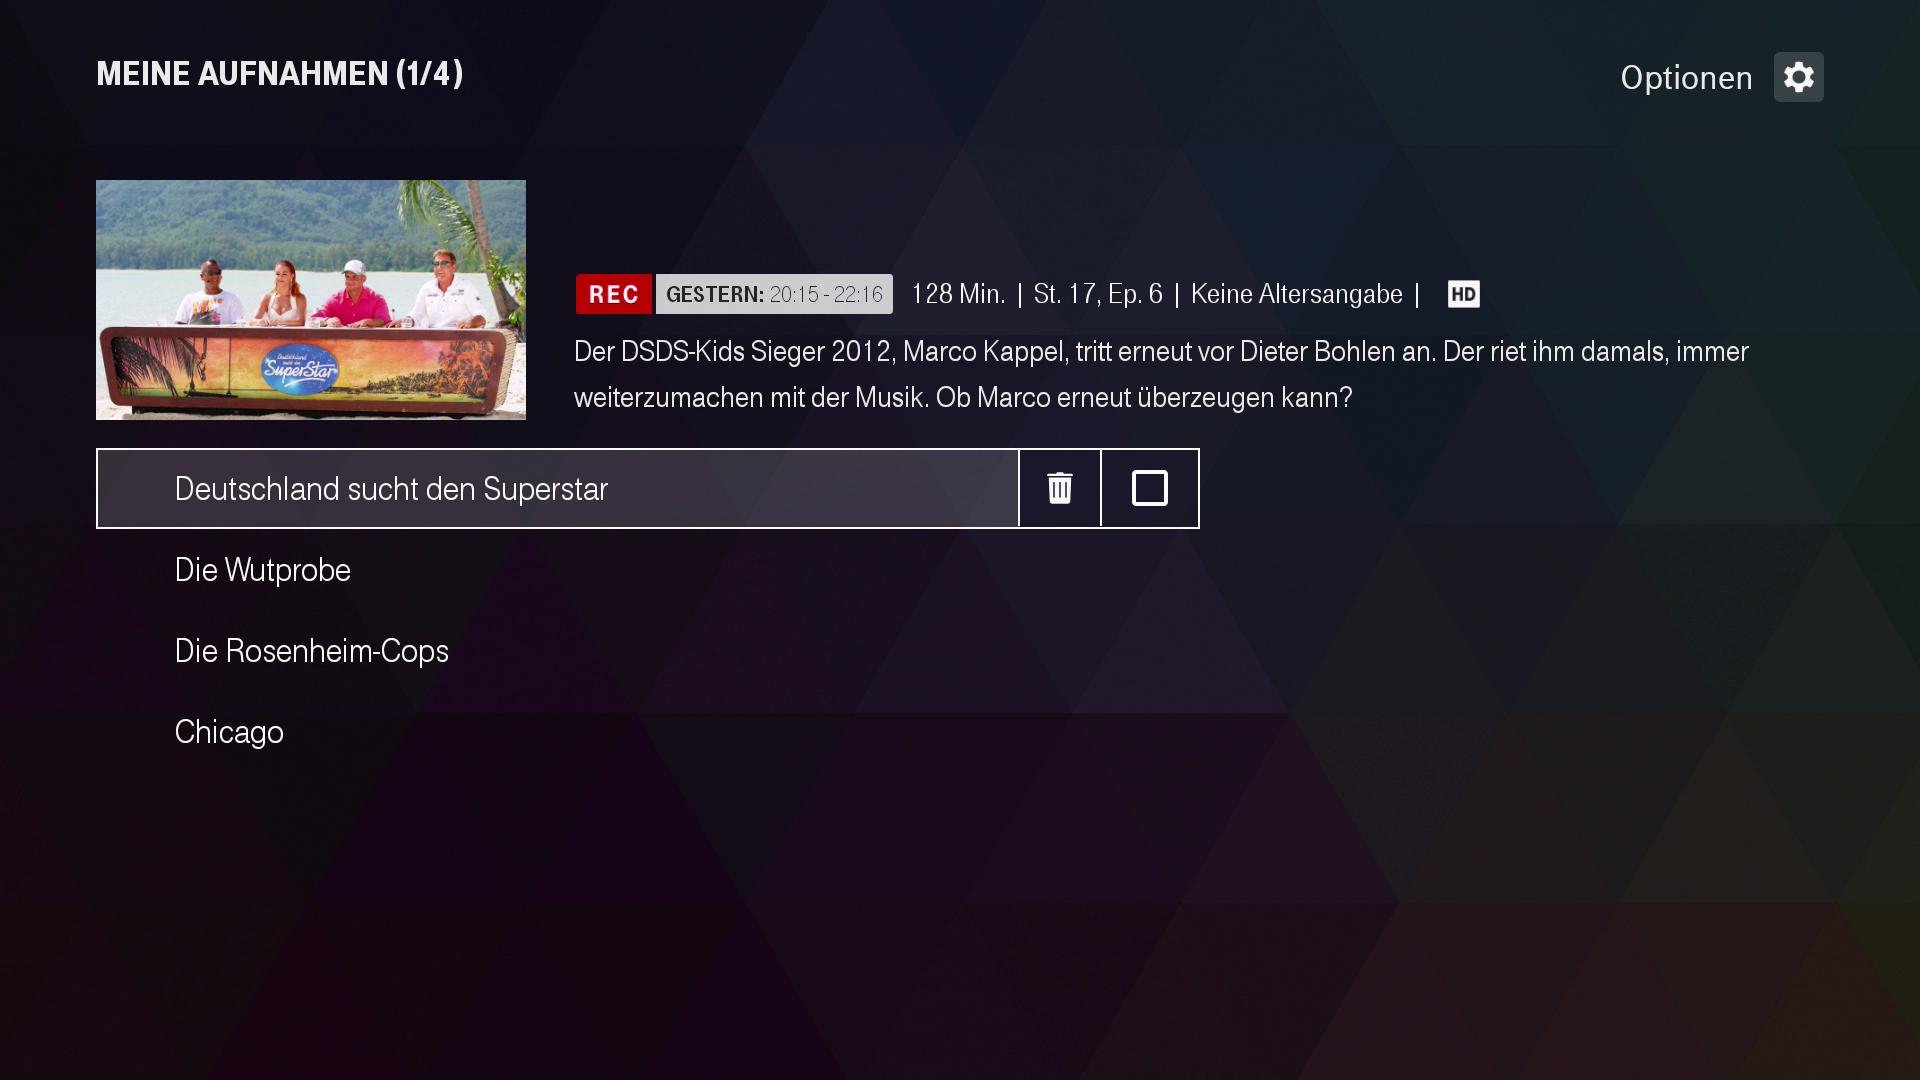 Verkauf des Magenta-TV-Stick: Magenta TV und Disney+ jeweils drei Monate kostenlos - Magenta-TV-Aufnahmen lassen sich auf dem Stick verwalten, aber nicht aufnehmen. (Bild: Ingo Pakalski/Golem.de)